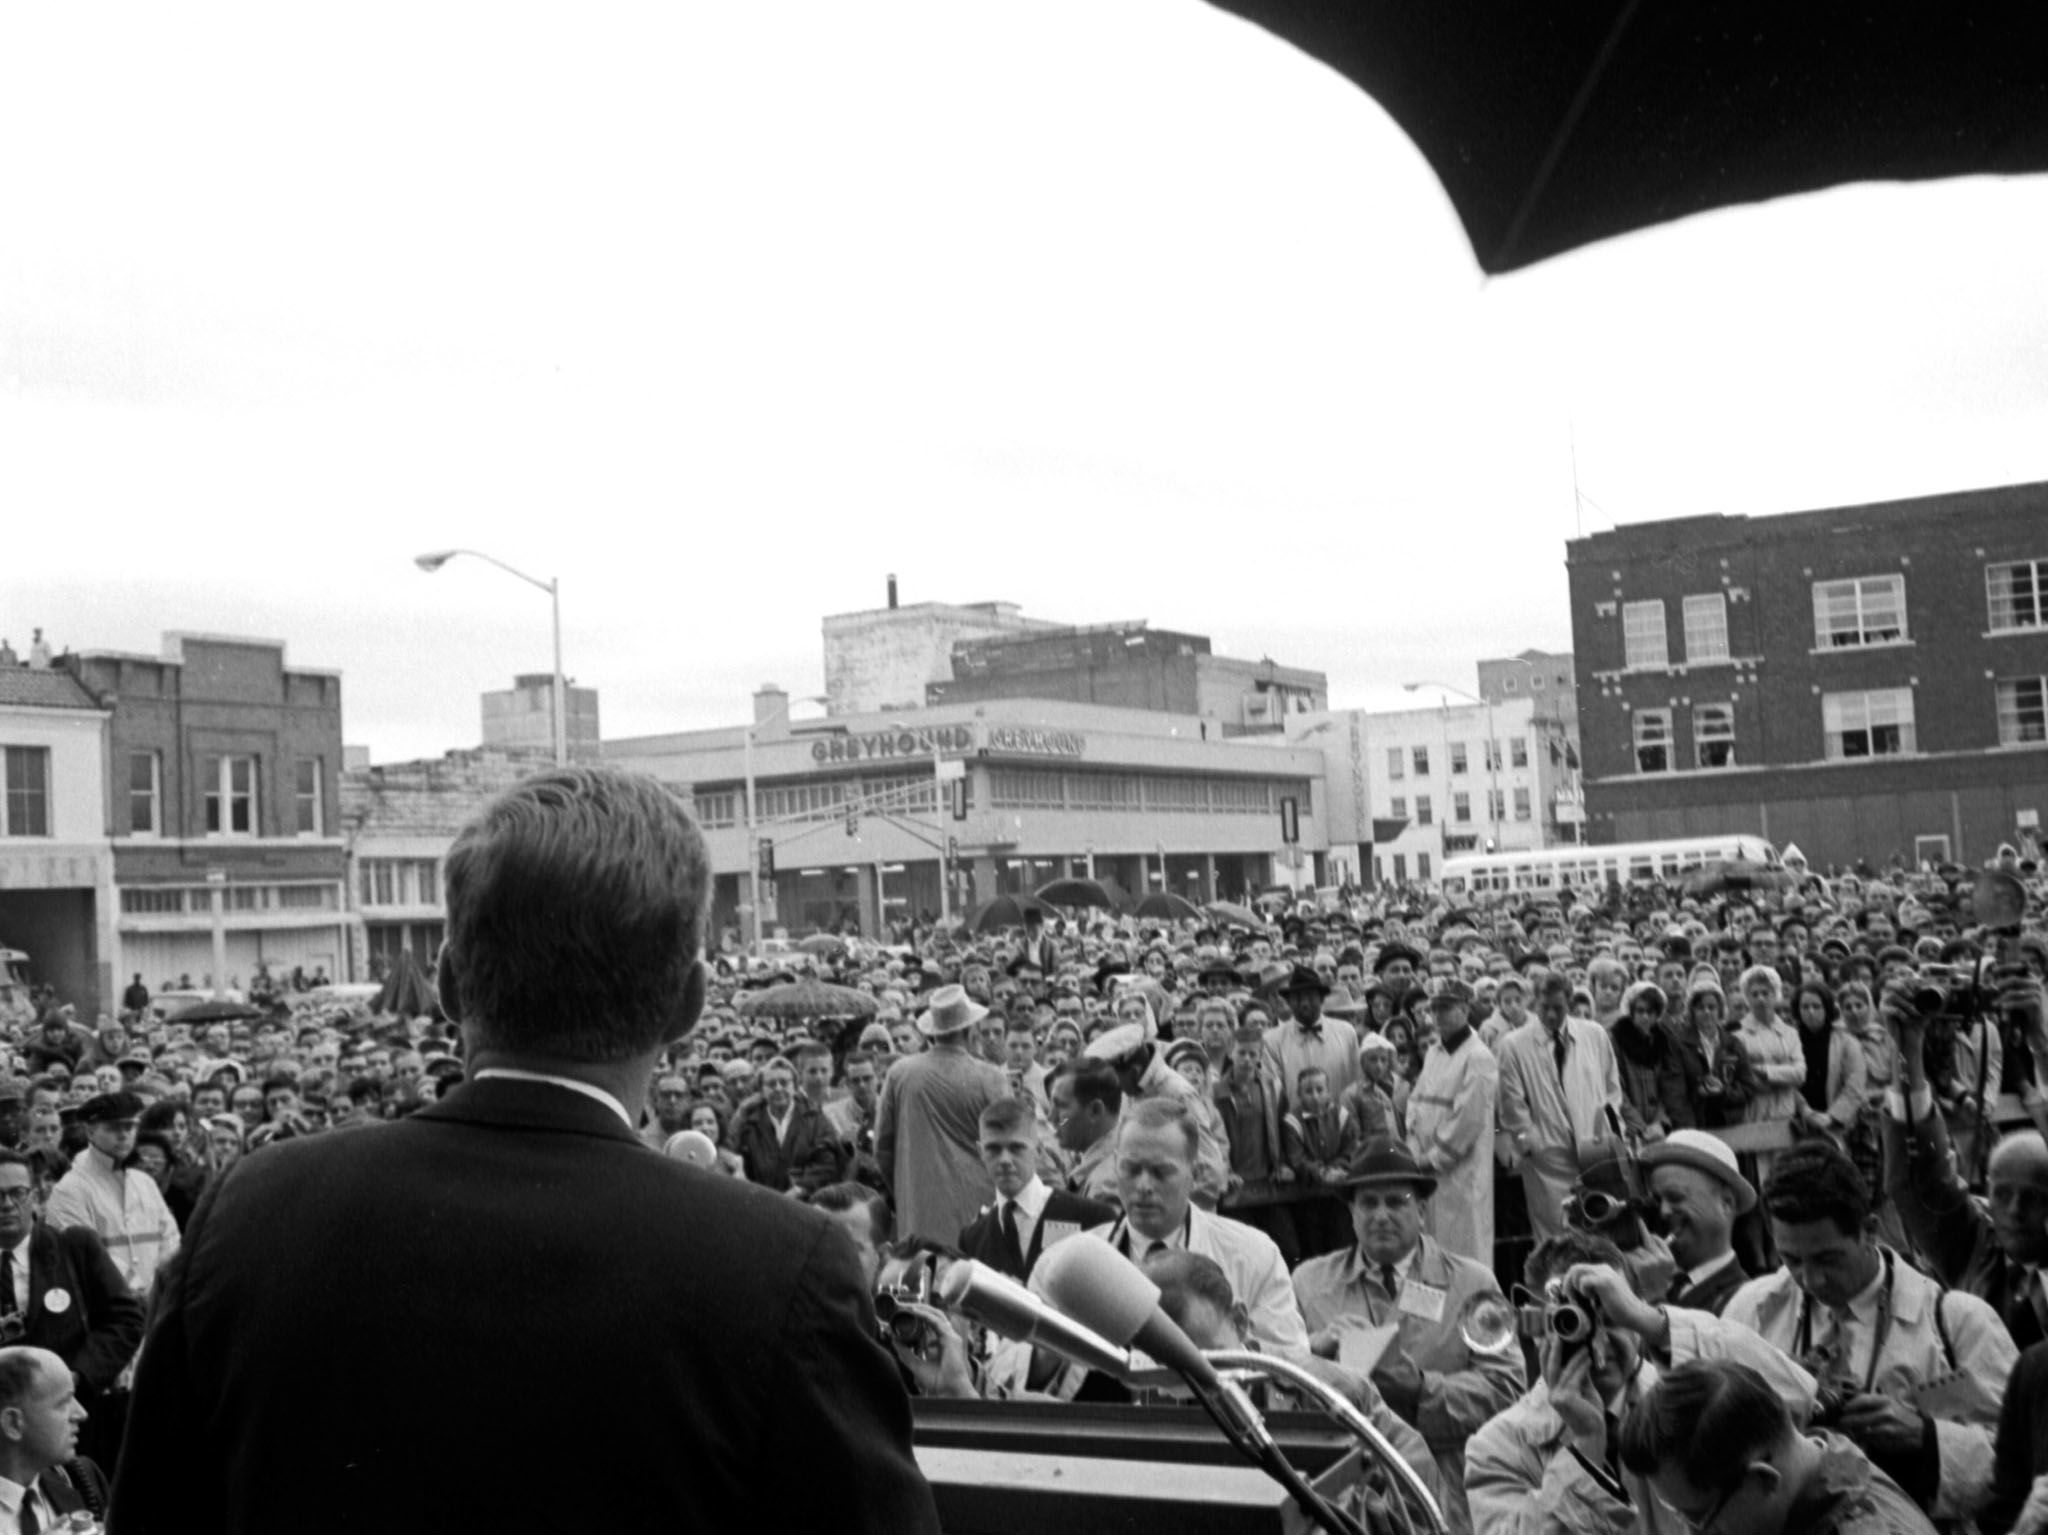 Il presidente J.F. Kennedy durante un discorso a Fort Worth, il 22 Novembre 1963. [Foto del giorno - gennaio 2017]